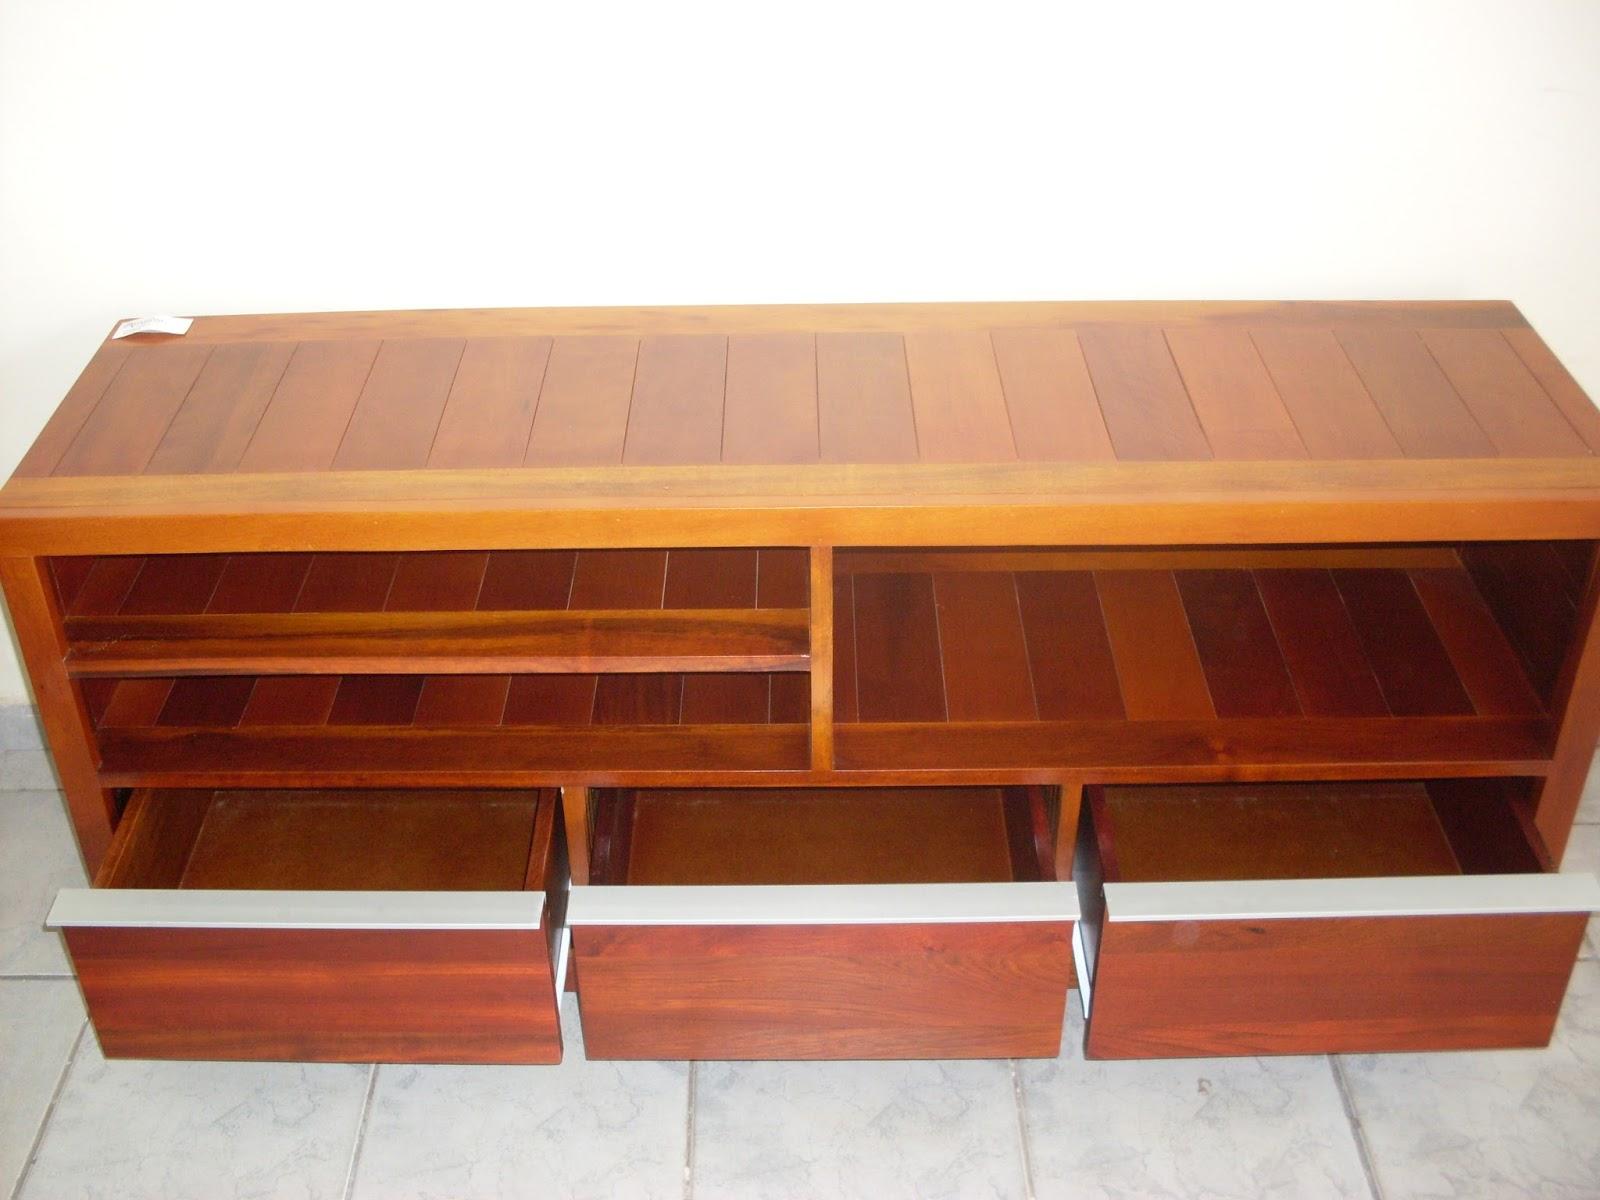 em madeira e MDF: Móveis planejados com resíduos de madeira #C1730A 1600x1200